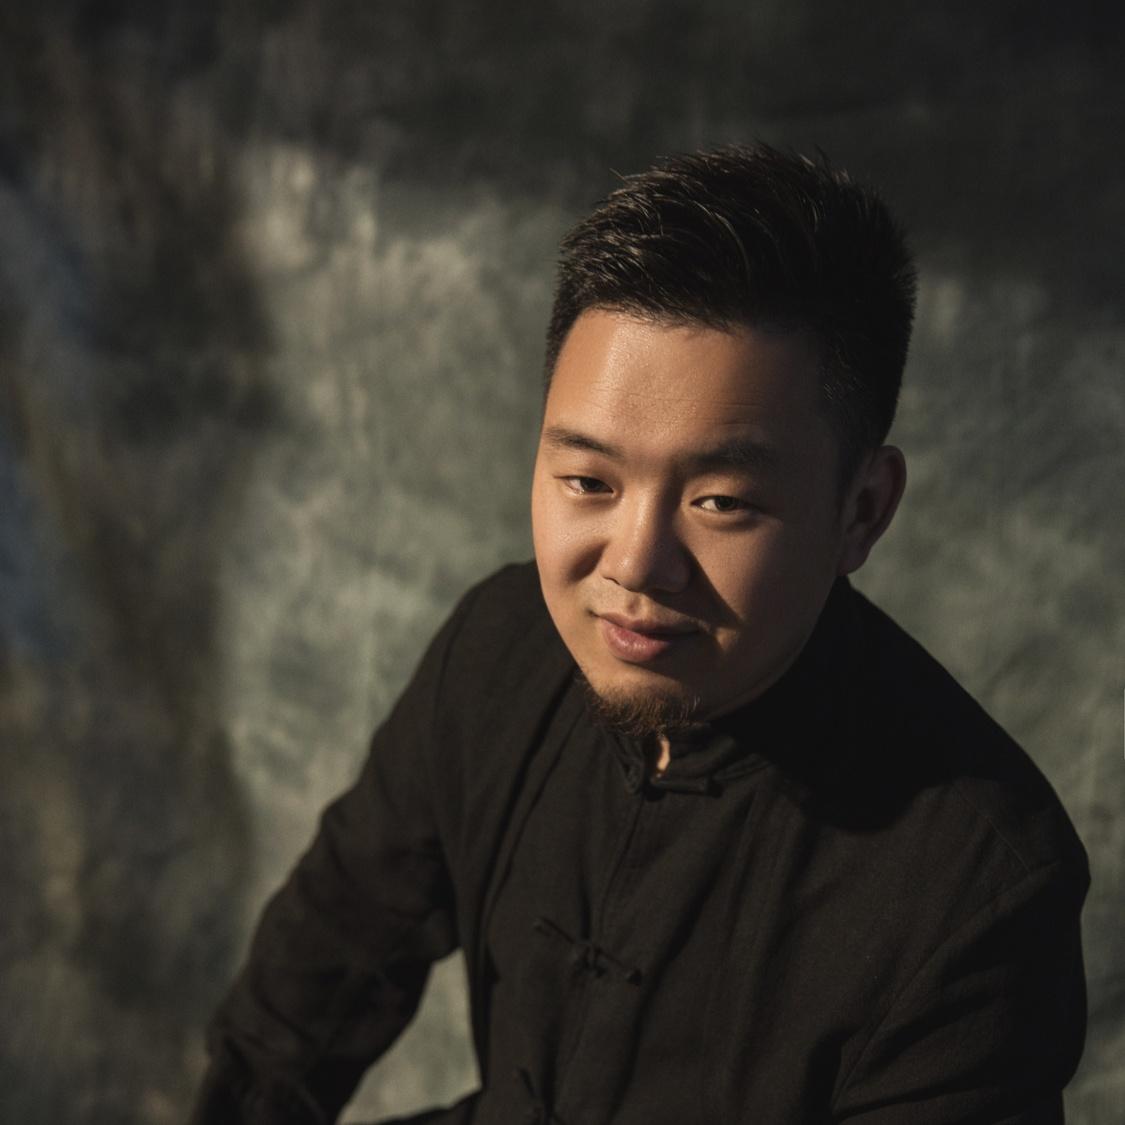 設計師郭錦子